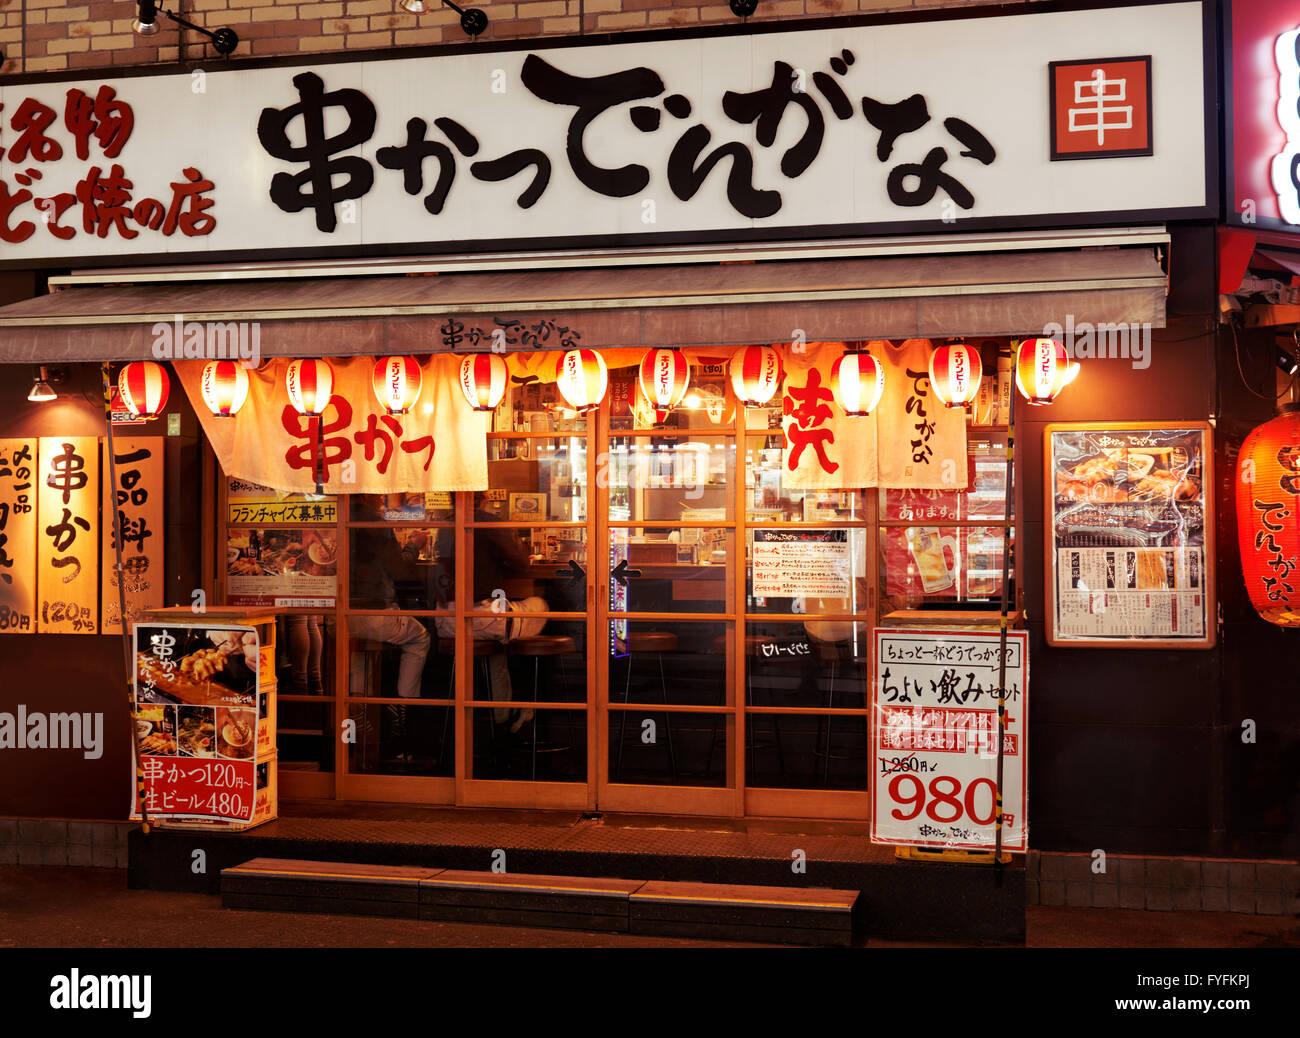 Restaurante japonés en Shinjuku, Tokio, Japón Imagen De Stock